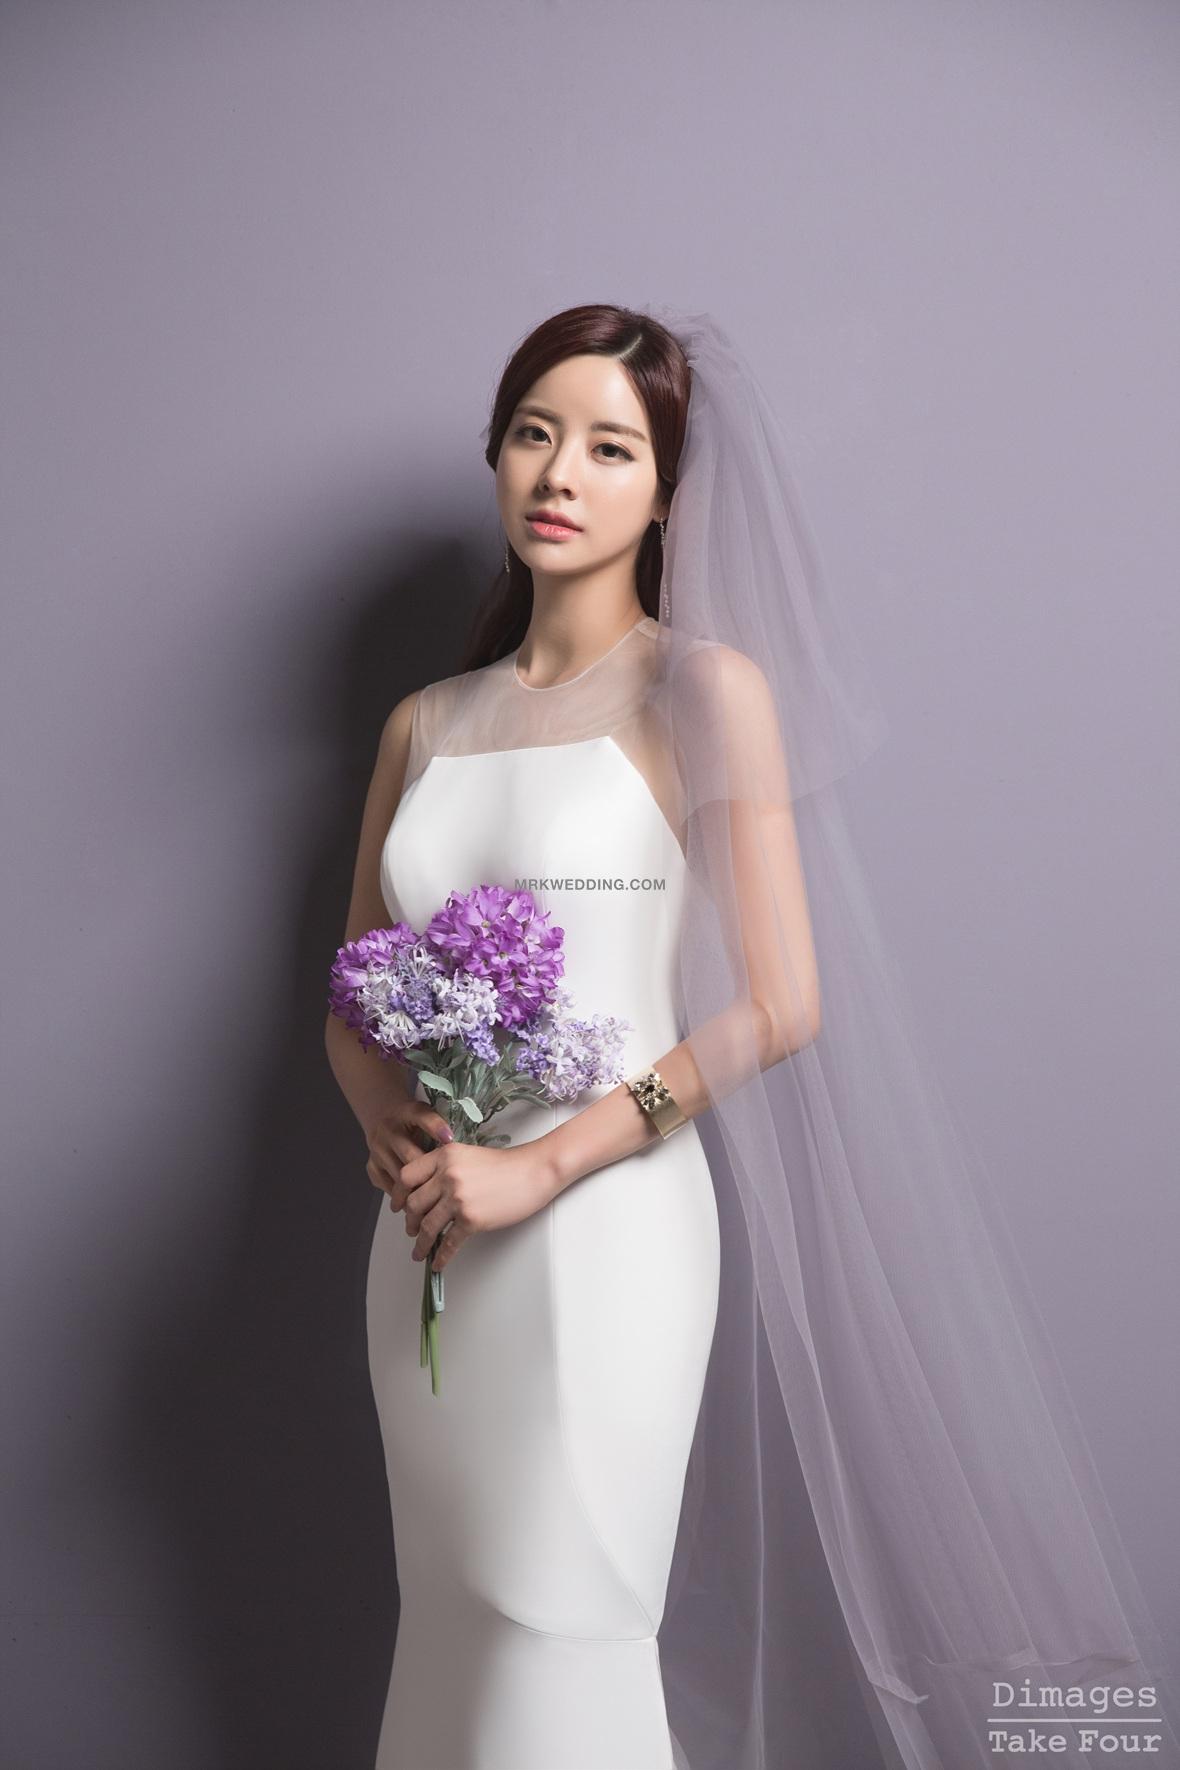 Korea pre wedding photos (2).jpg